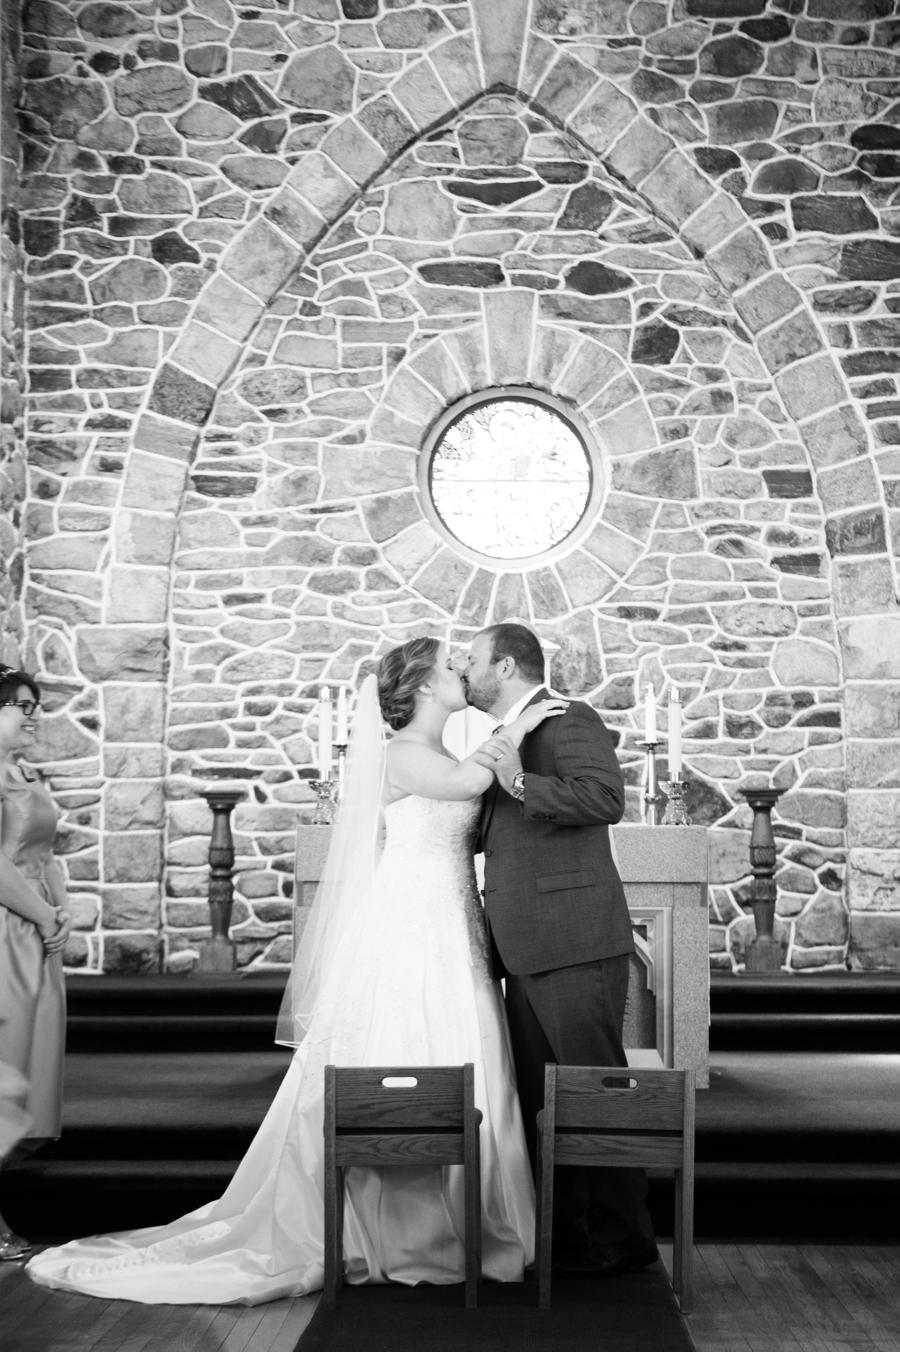 RKP_New_York_Wedding_CRJM_014.jpg